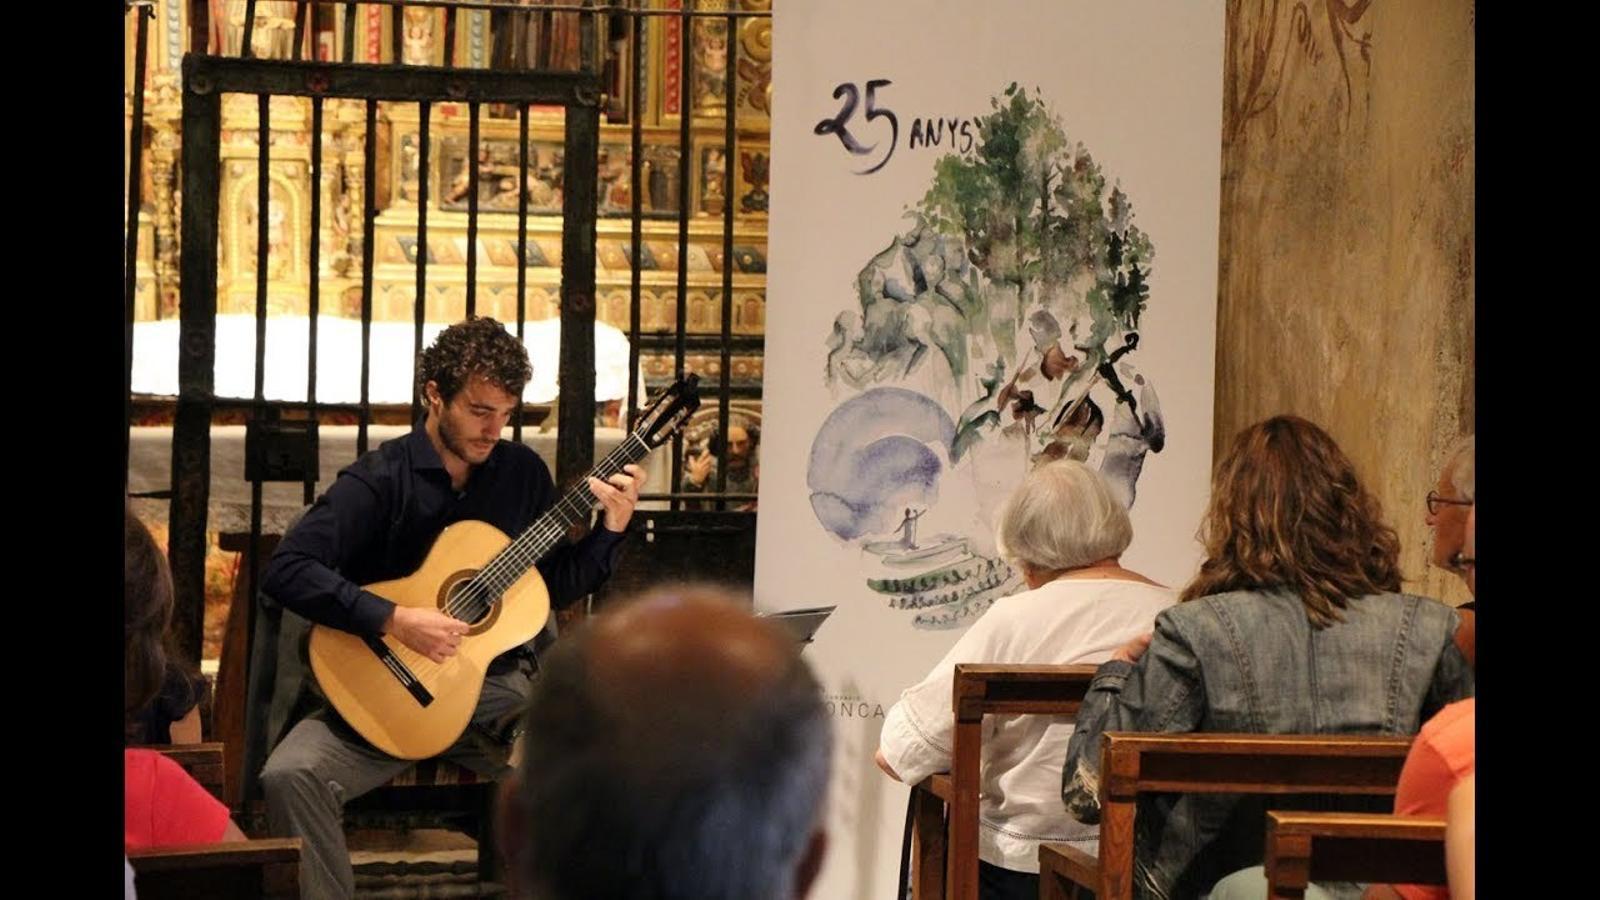 Un viatge per la cultura europea al ritme de la guitarra clàssica